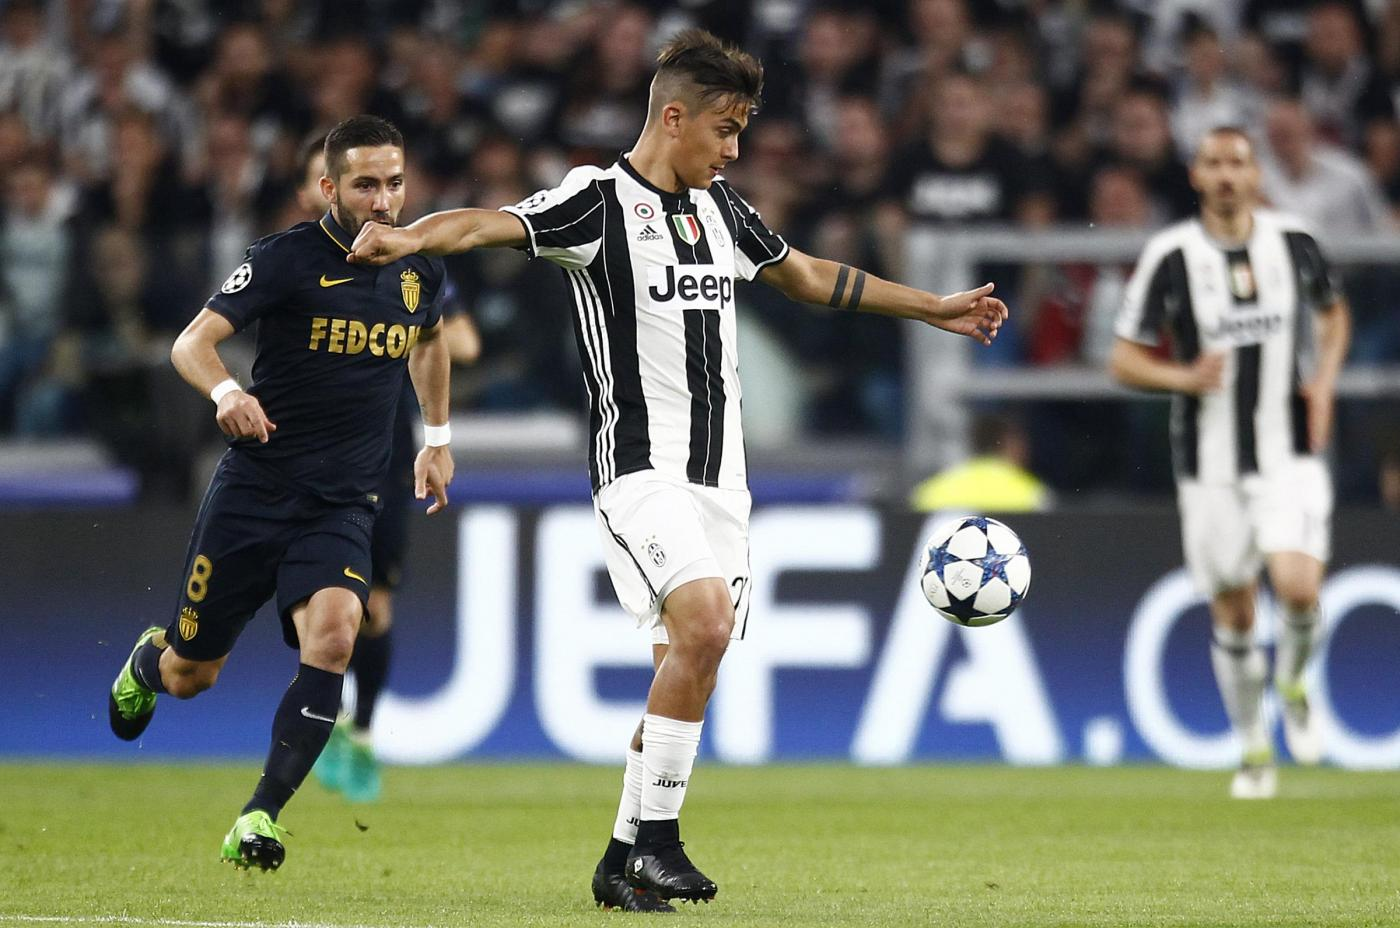 Champions League, Juventus-Real Madrid: Allegri ha scelto la formazione, fuori Claudio Marchisio